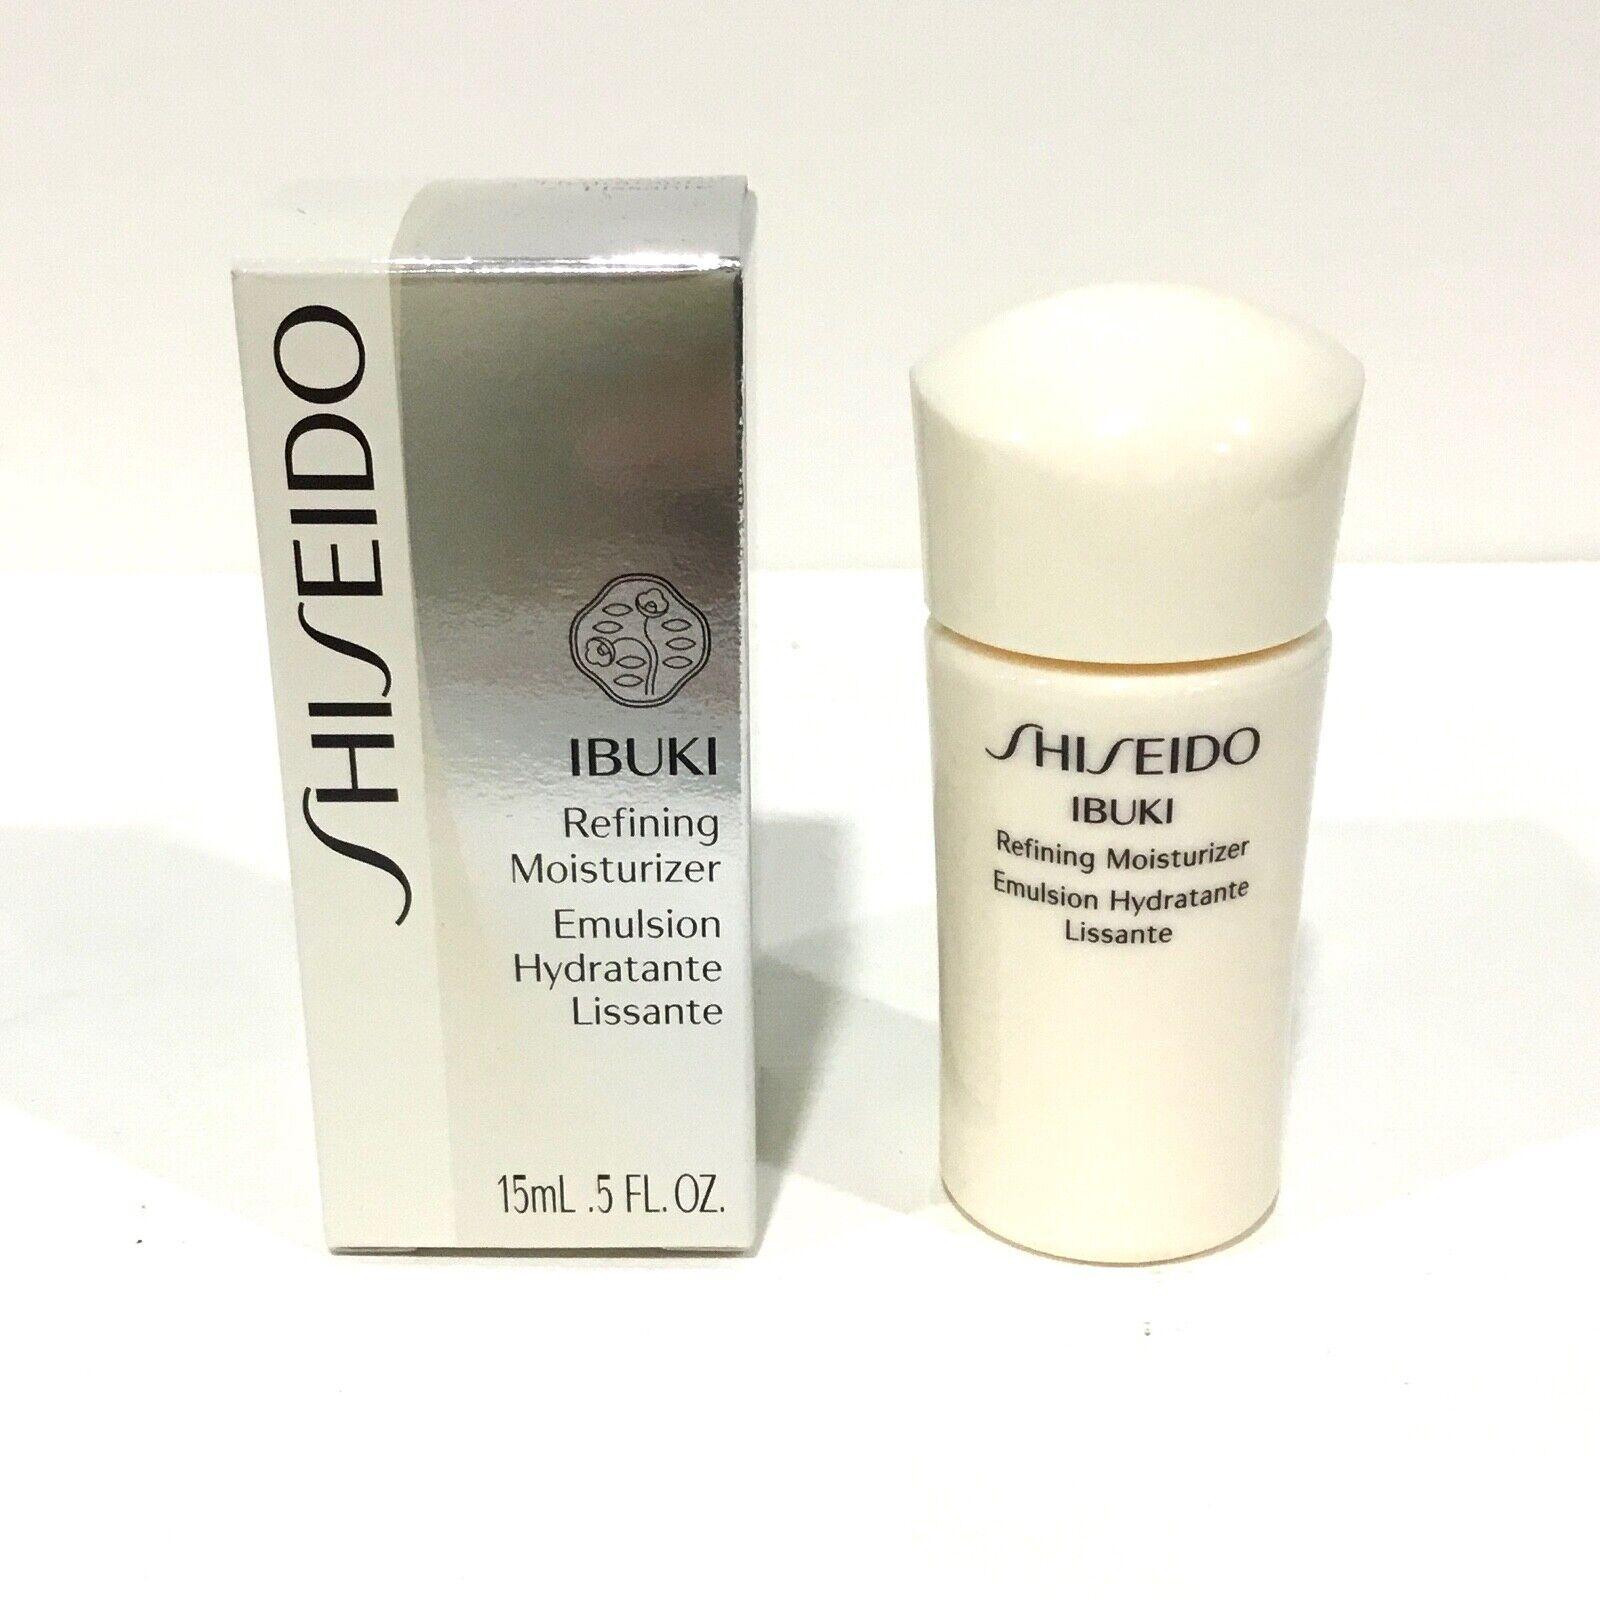 4 Shiseido IBUKI Refining Moisturizer 15ml. / 5fl.oz. New in